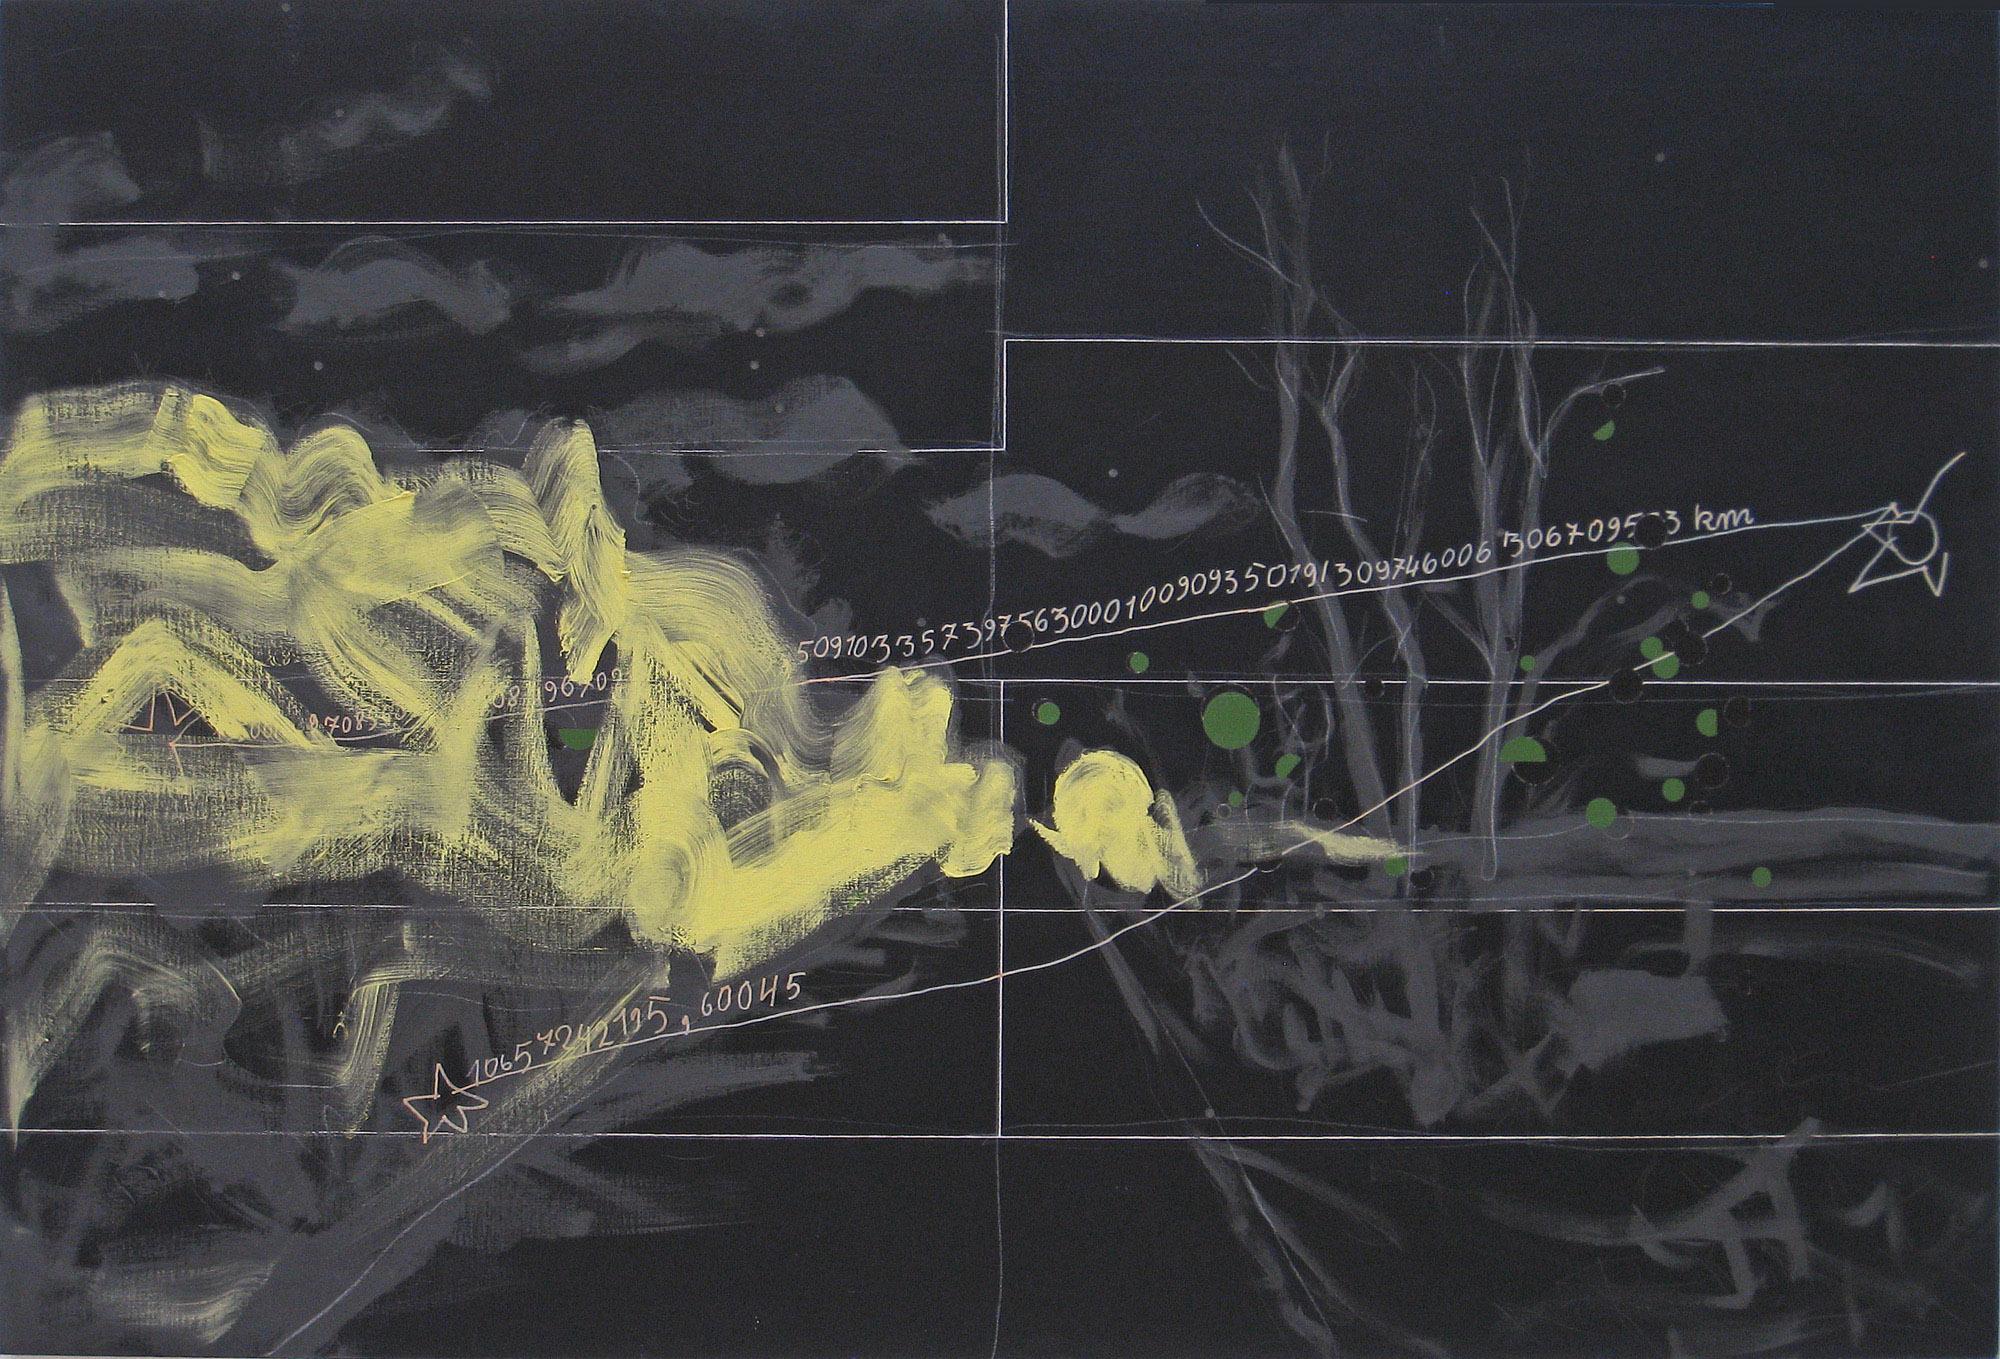 Włodzimierz Jan Zakrzewski, Rysunek dziecka, 1996, mixed-media, 137 x 203 cm, kolekcja prywatna, Poznań, depozyt wMuzeum Narodowym wPoznaniu